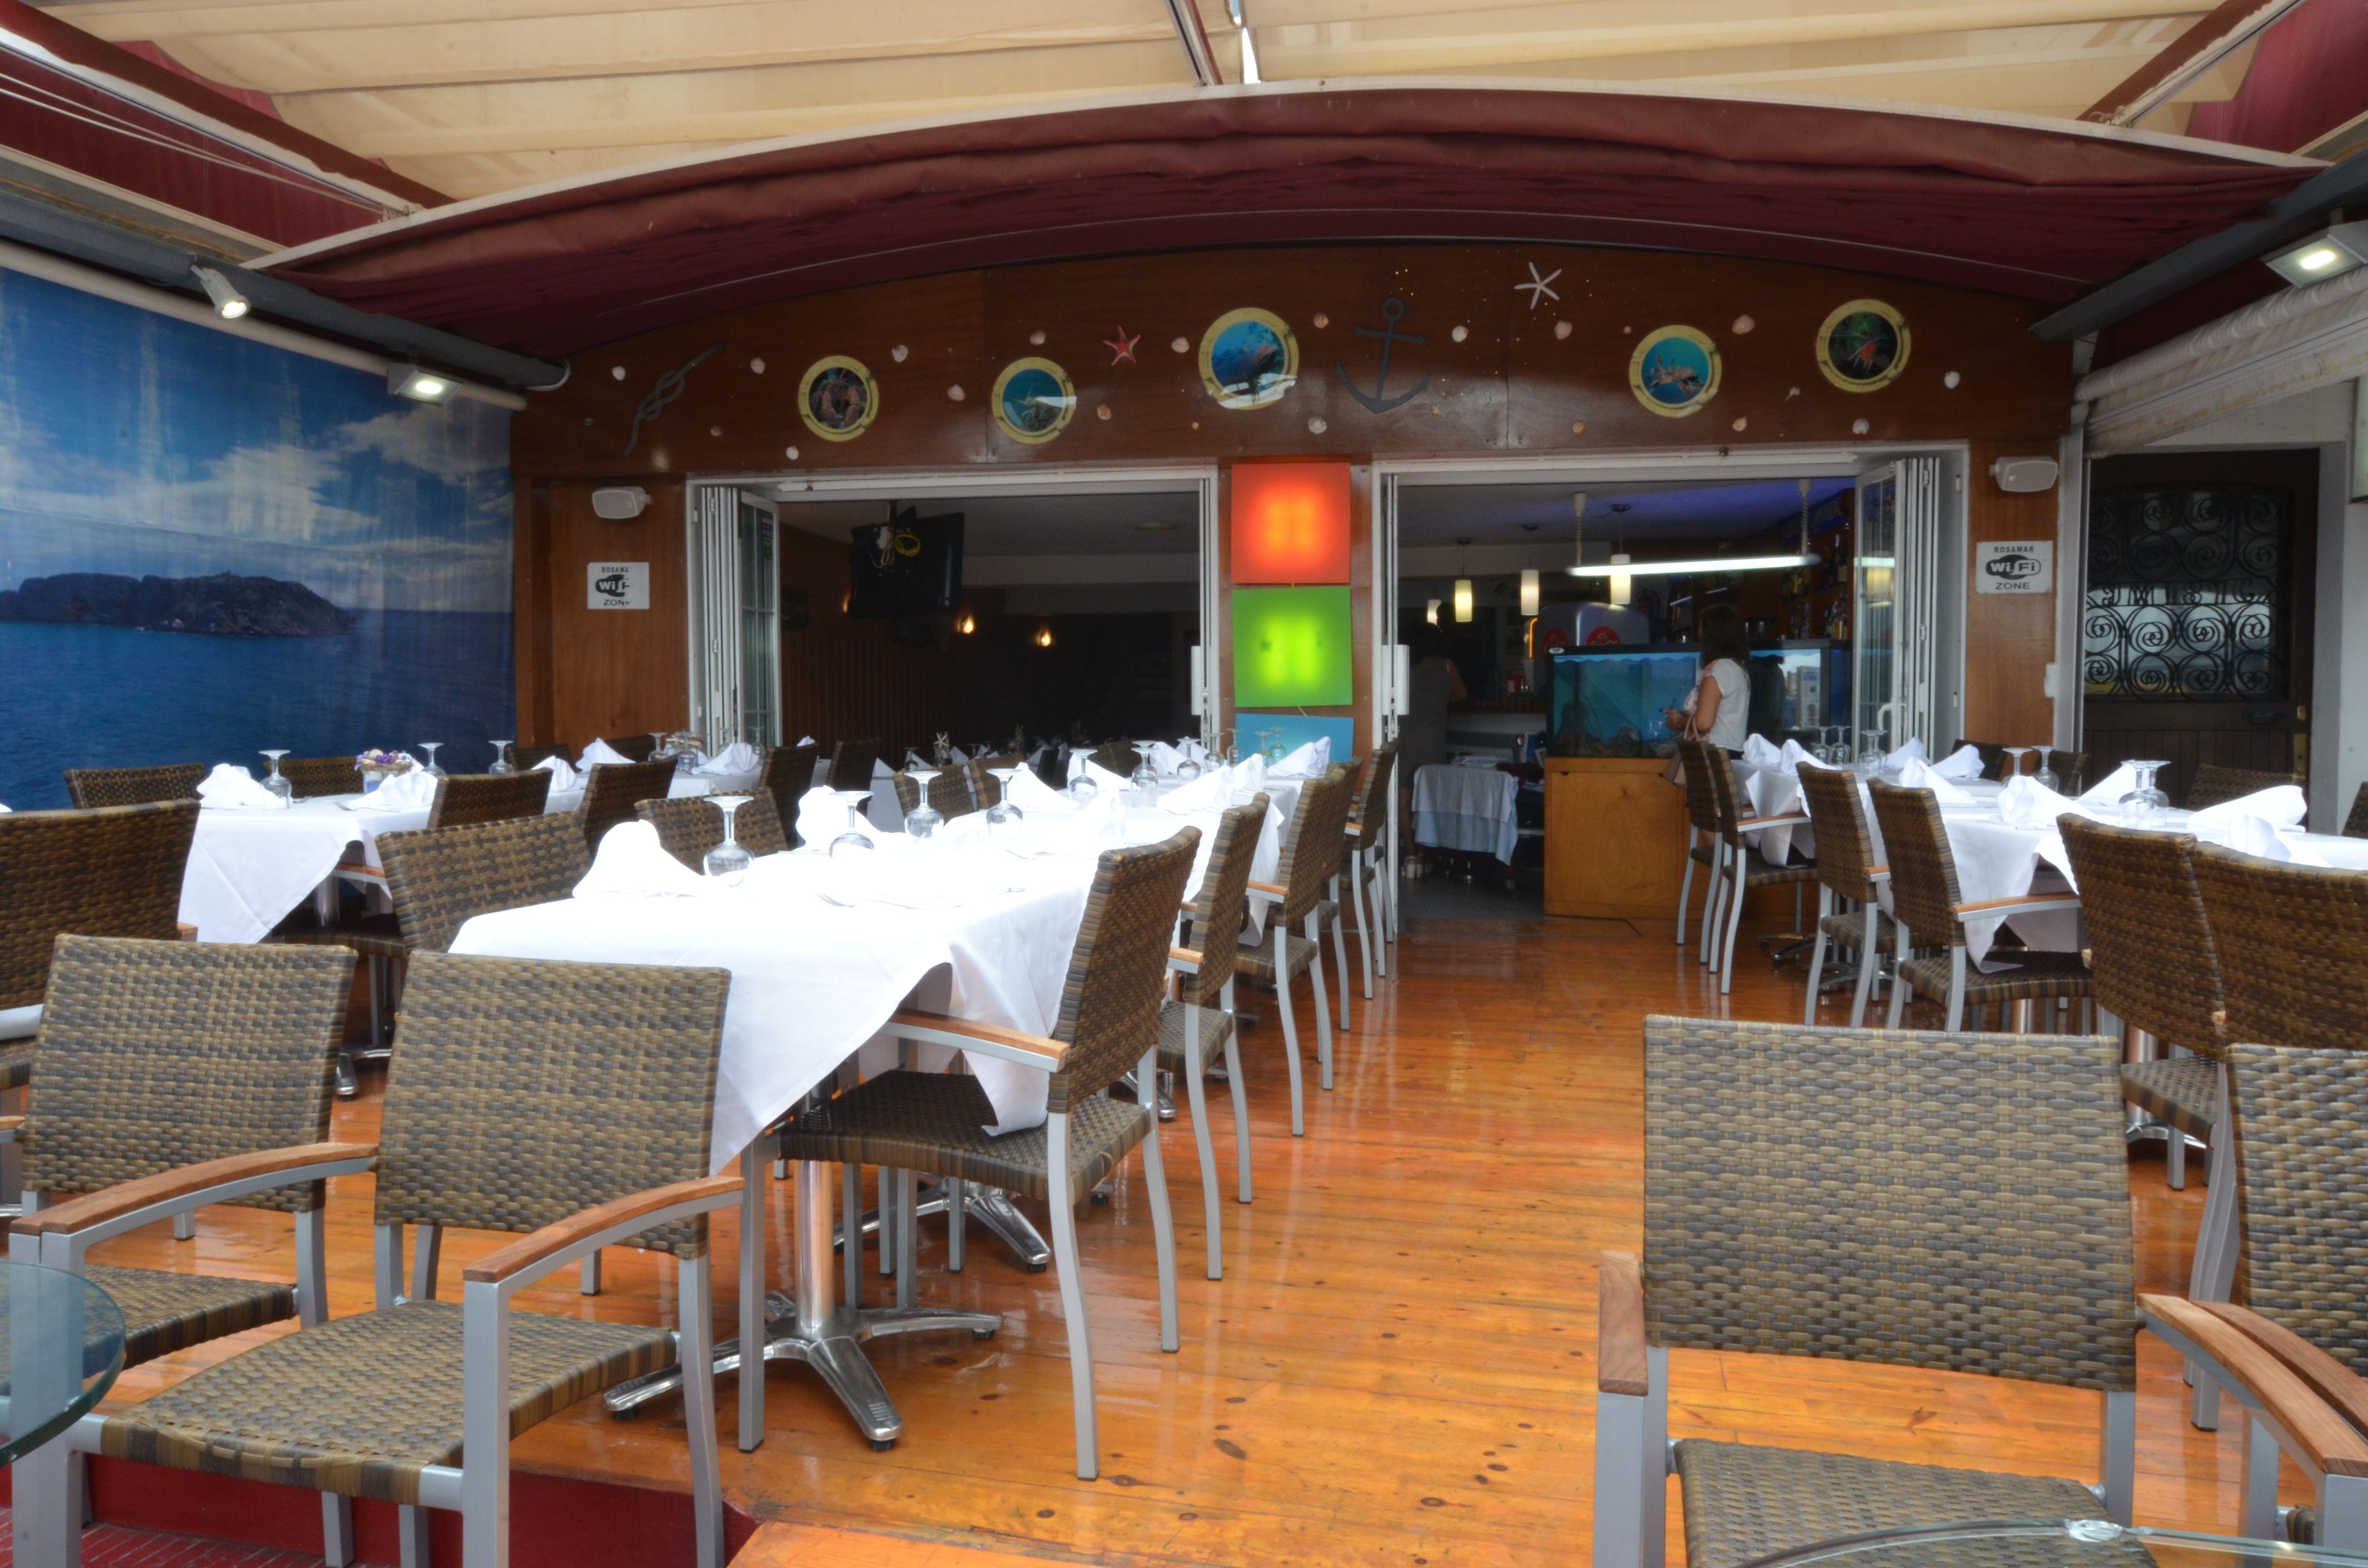 Foto 2 de Restaurante en Torroella de Montgrí | Restaurant Rosamar